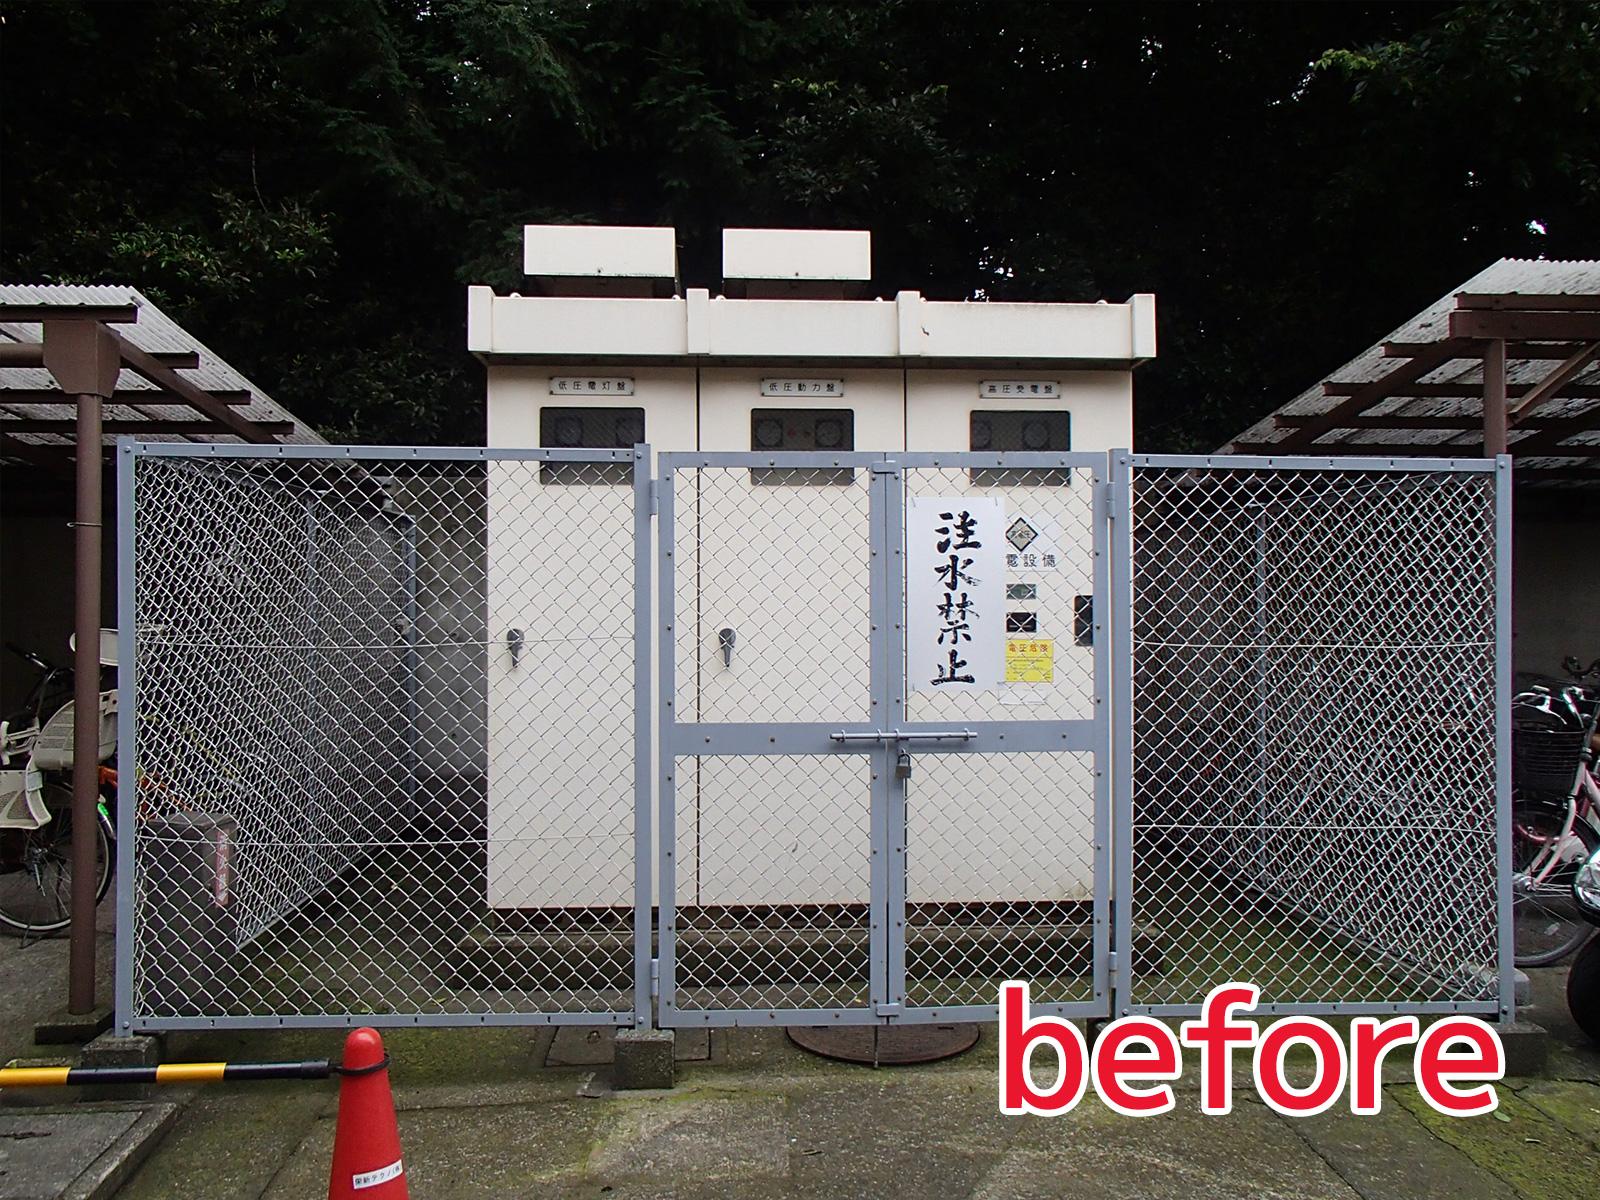 中学校キュービクル更新工事